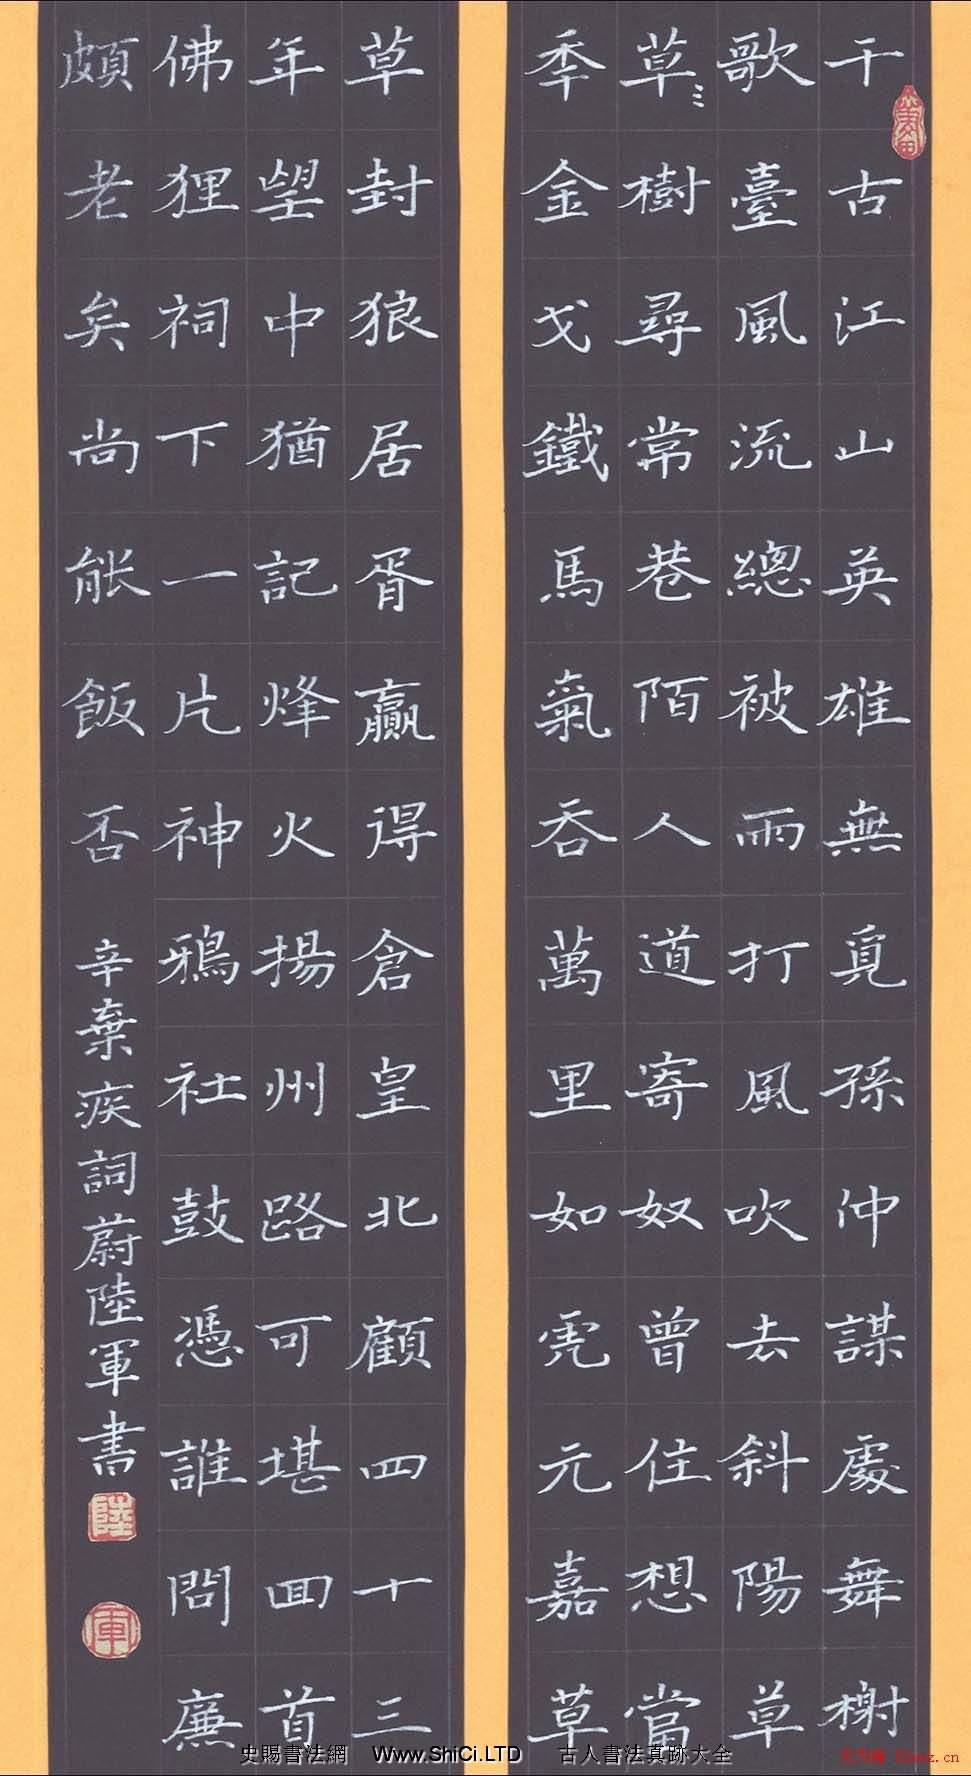 蔚陸軍硬筆書法作品真跡欣賞(共5張圖片)